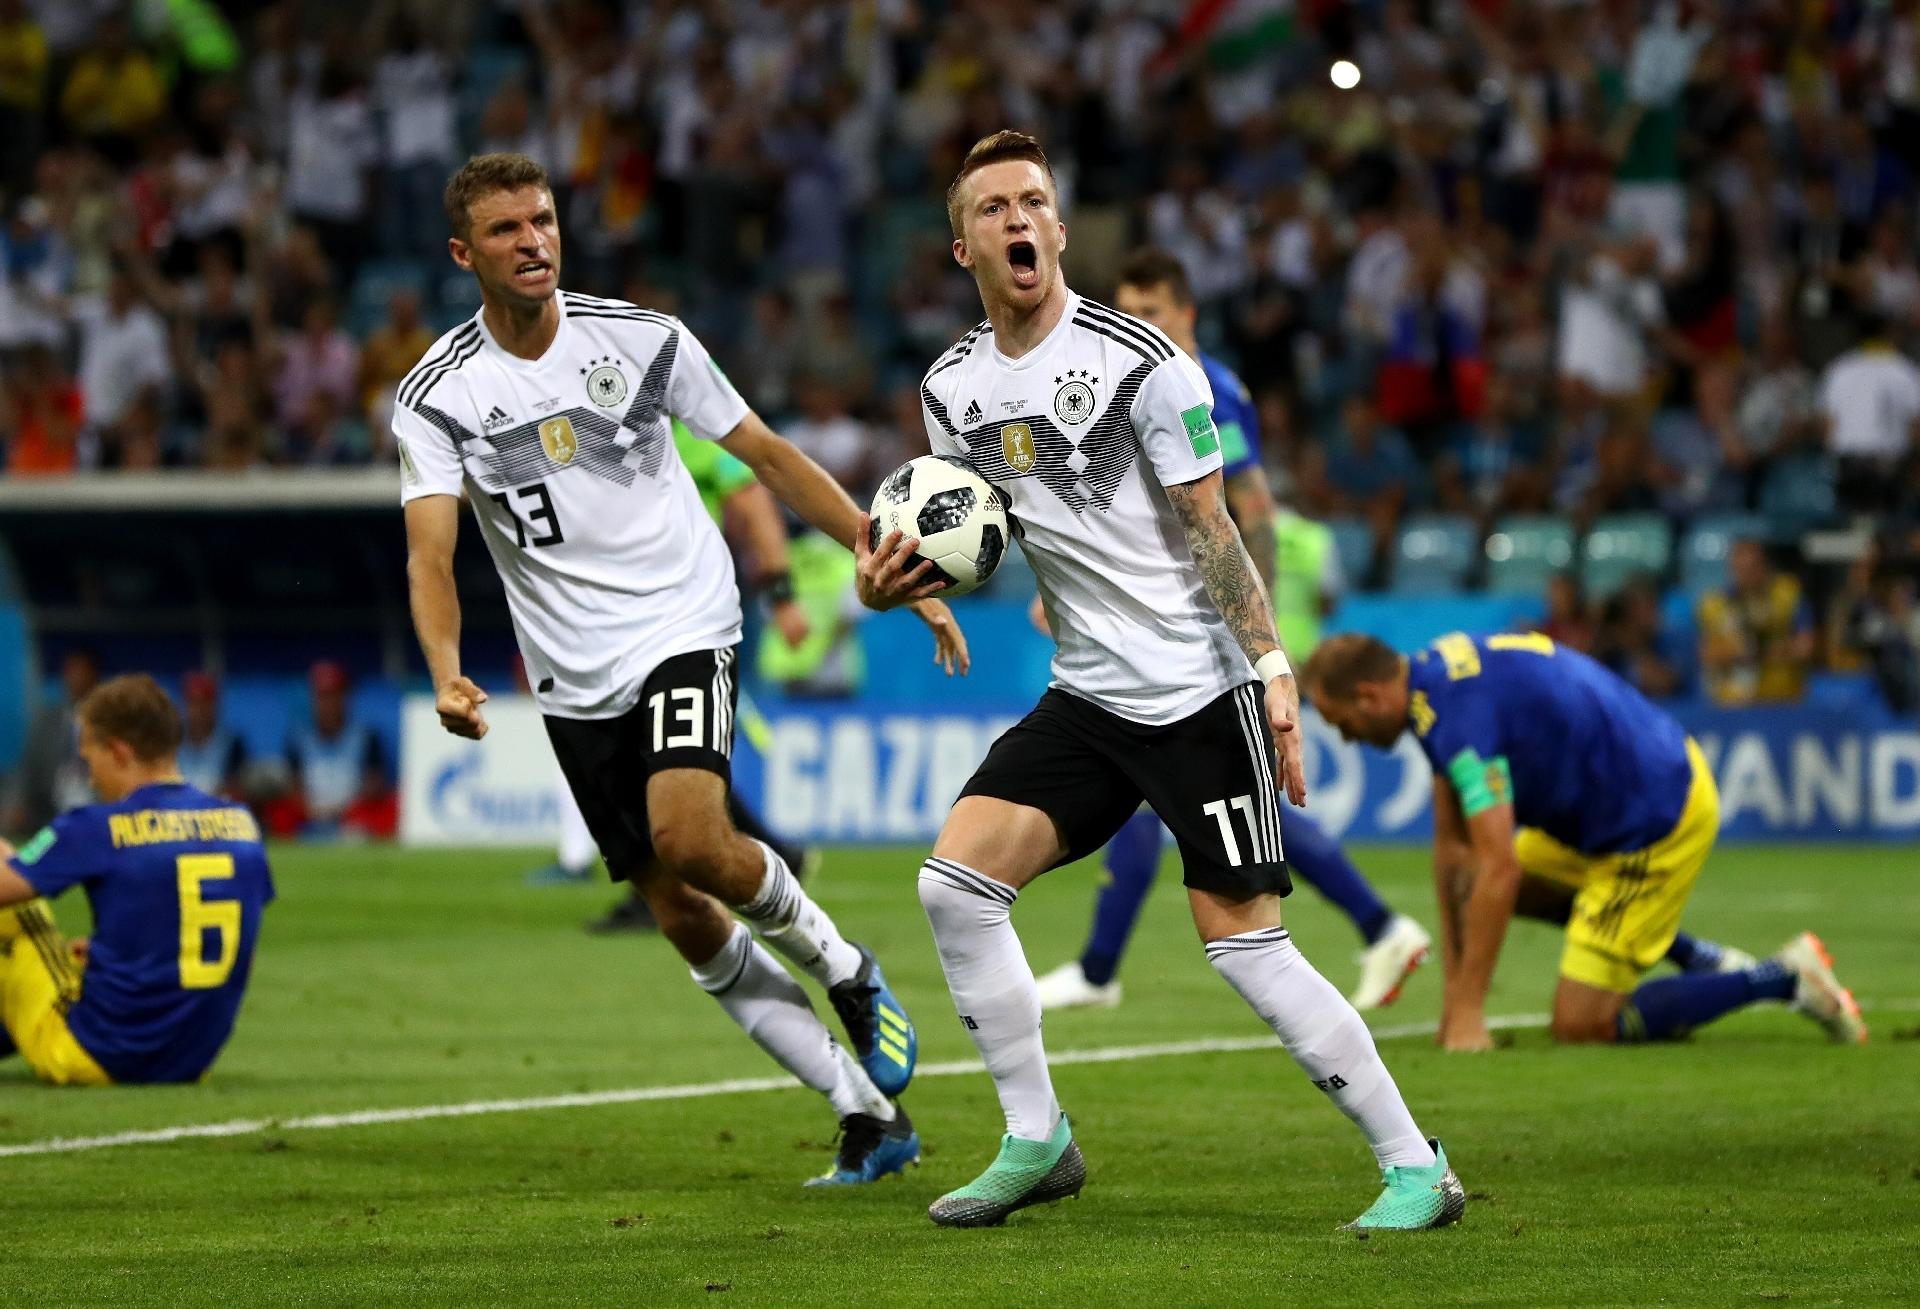 Alemanha x Suécia  Alemanha vira sobre a Suécia no último lance e ... 77e657bd3921f